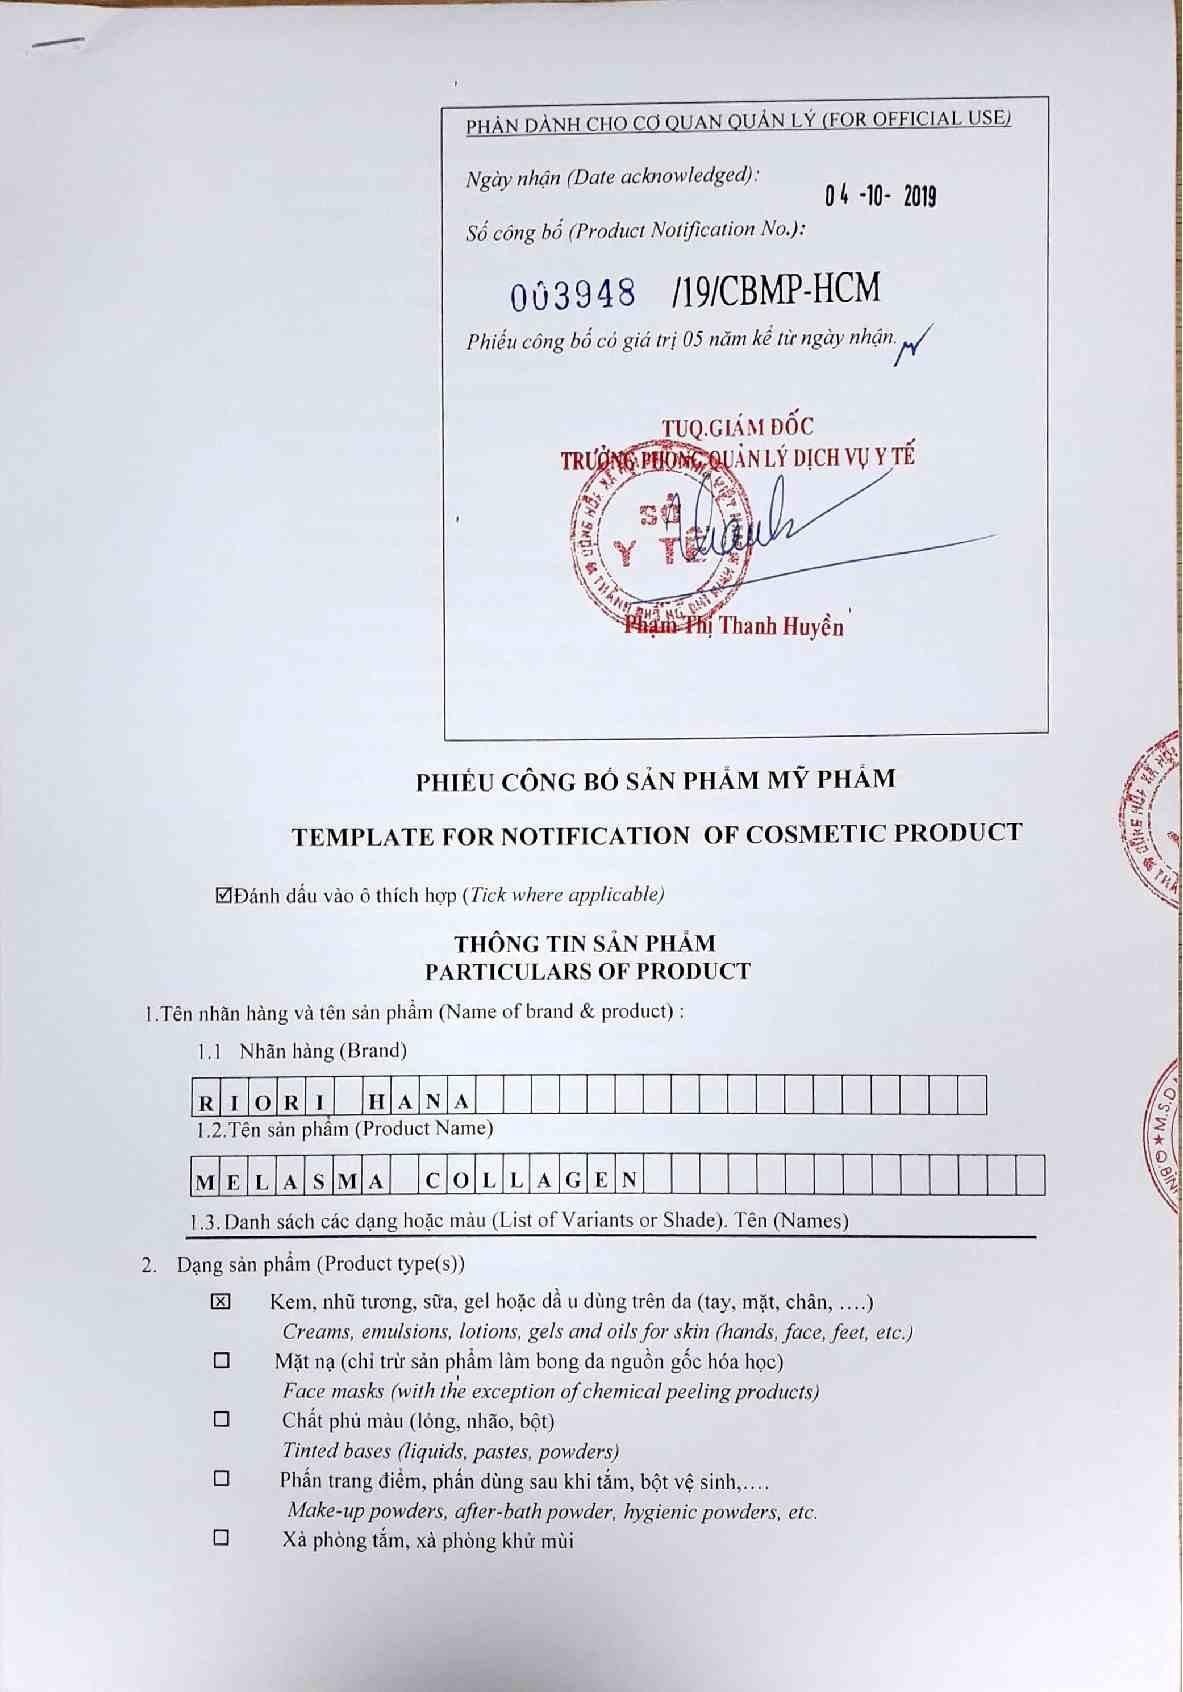 Giấy công bố khẳng định sự an toàn của Kem trị nám tàn nhang Melasma Conllagen Riori